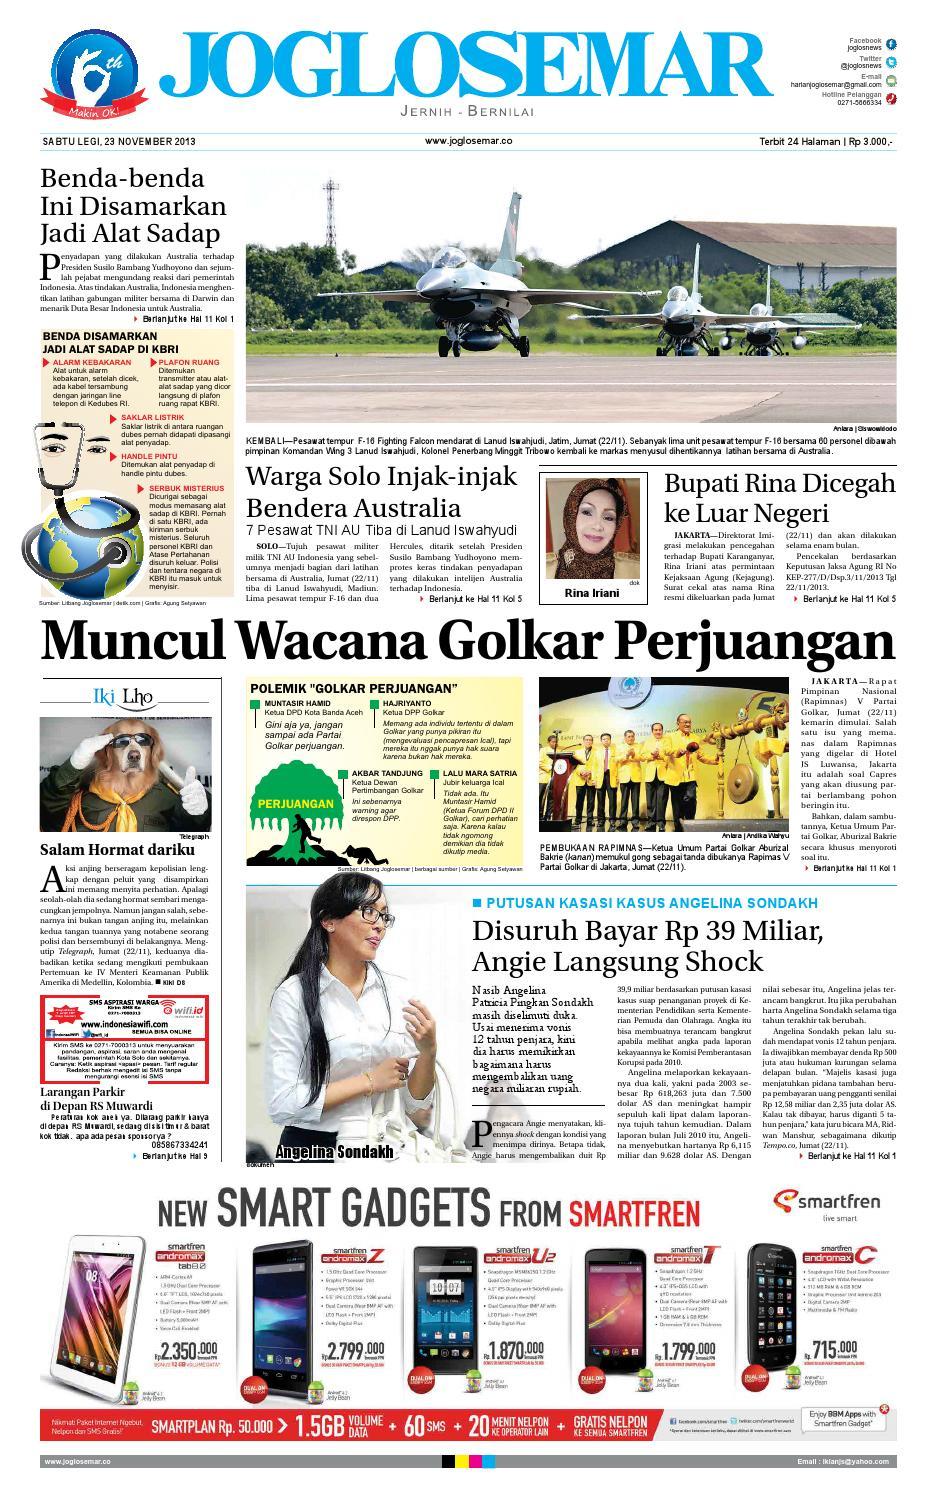 Epaper Edisi 23 Nopember 2013 By Pt Joglosemar Prima Media Issuu Kue Bakpia Kuliner Yulis Saekowati Akumandiri